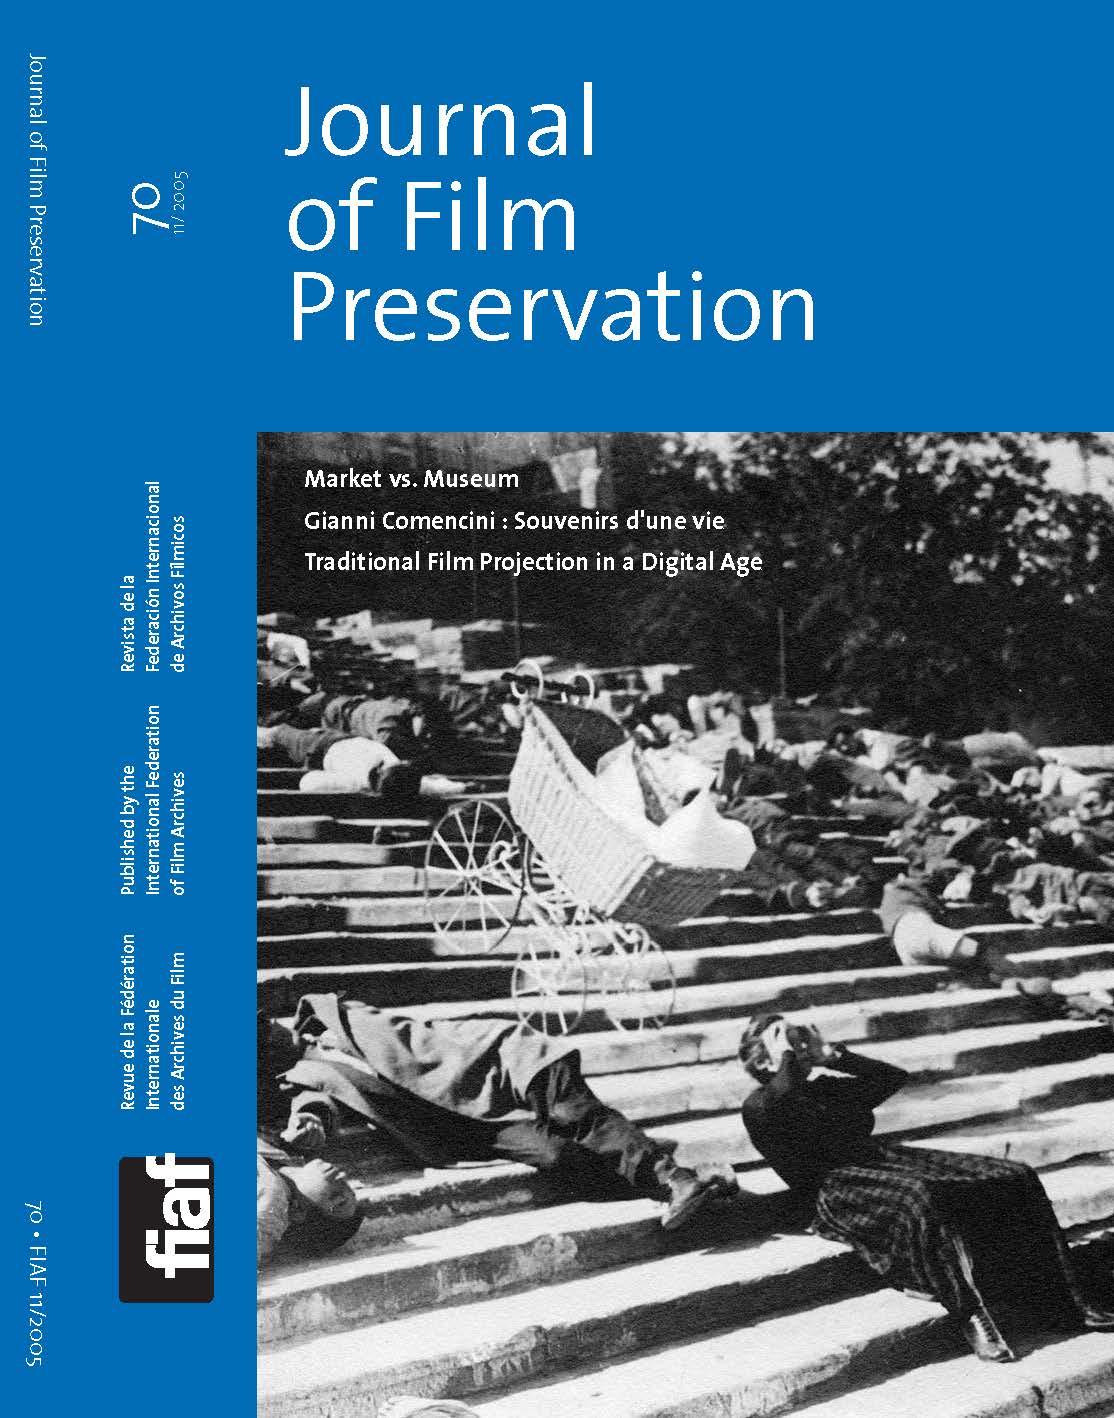 FIAF - International Federation of Film Archives